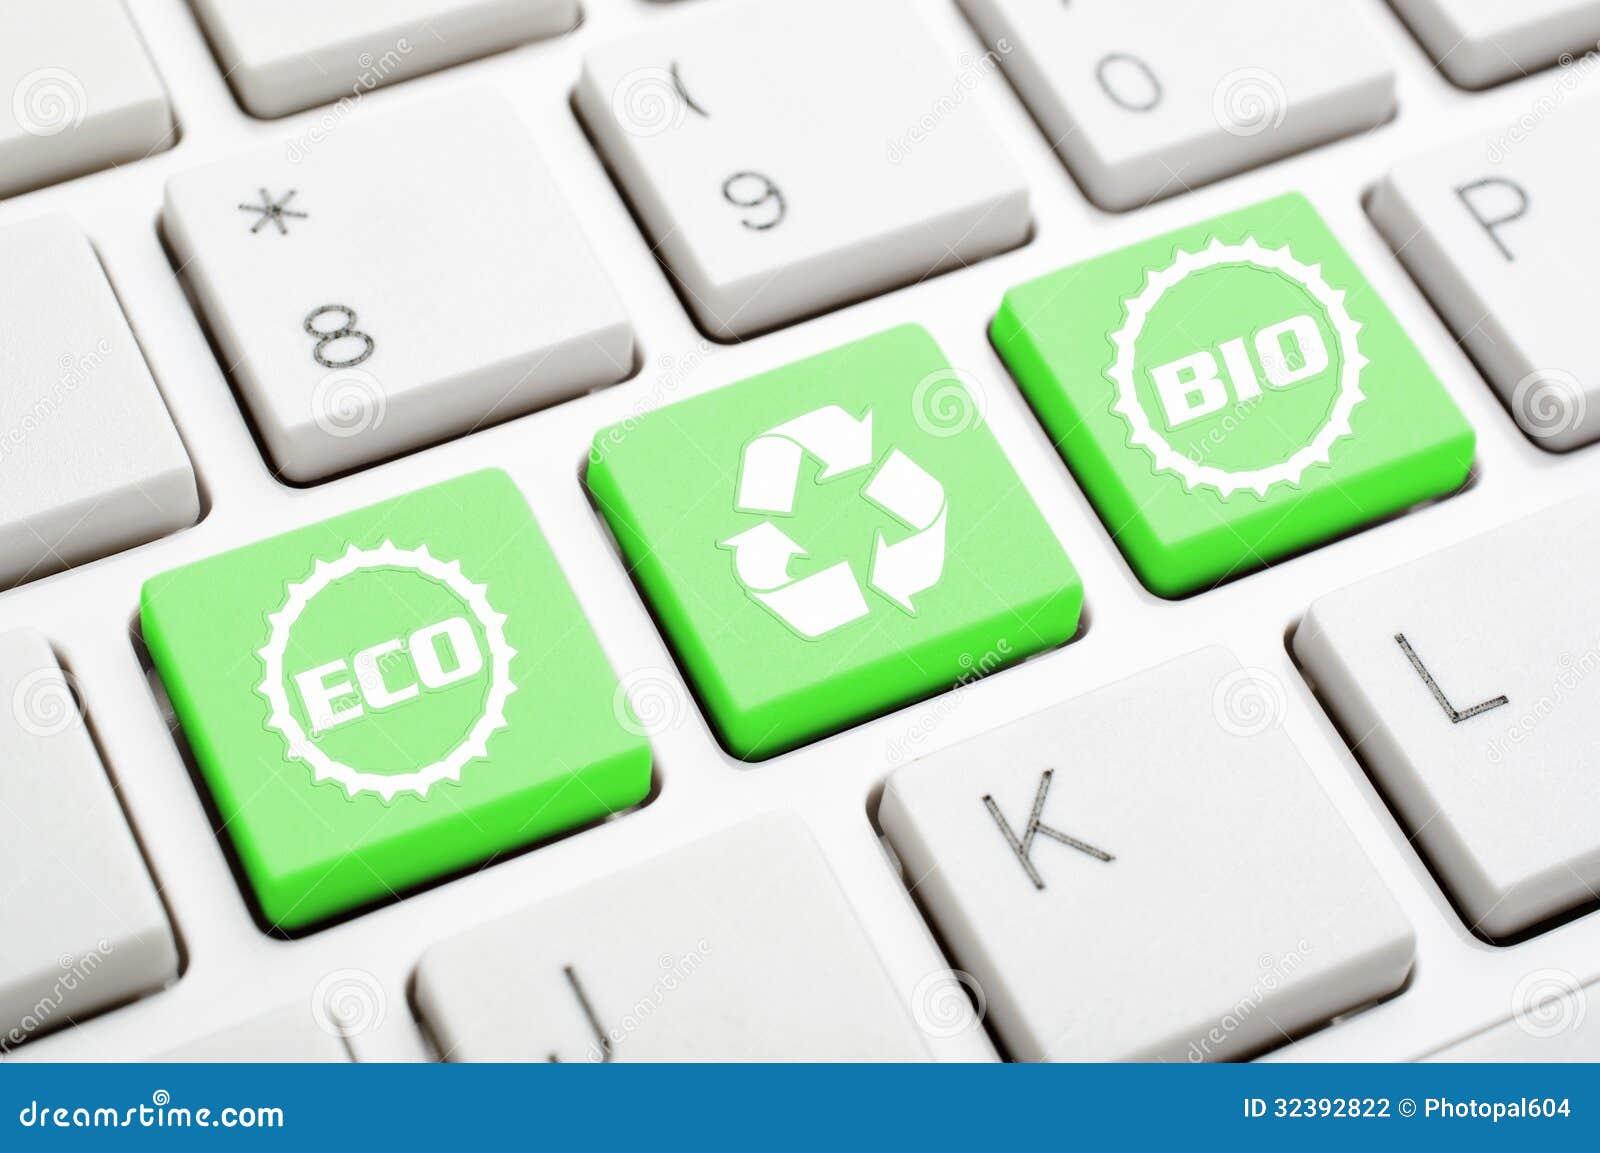 Recycle symbol key stock photo image of communicate 32392822 recycle symbol key buycottarizona Choice Image